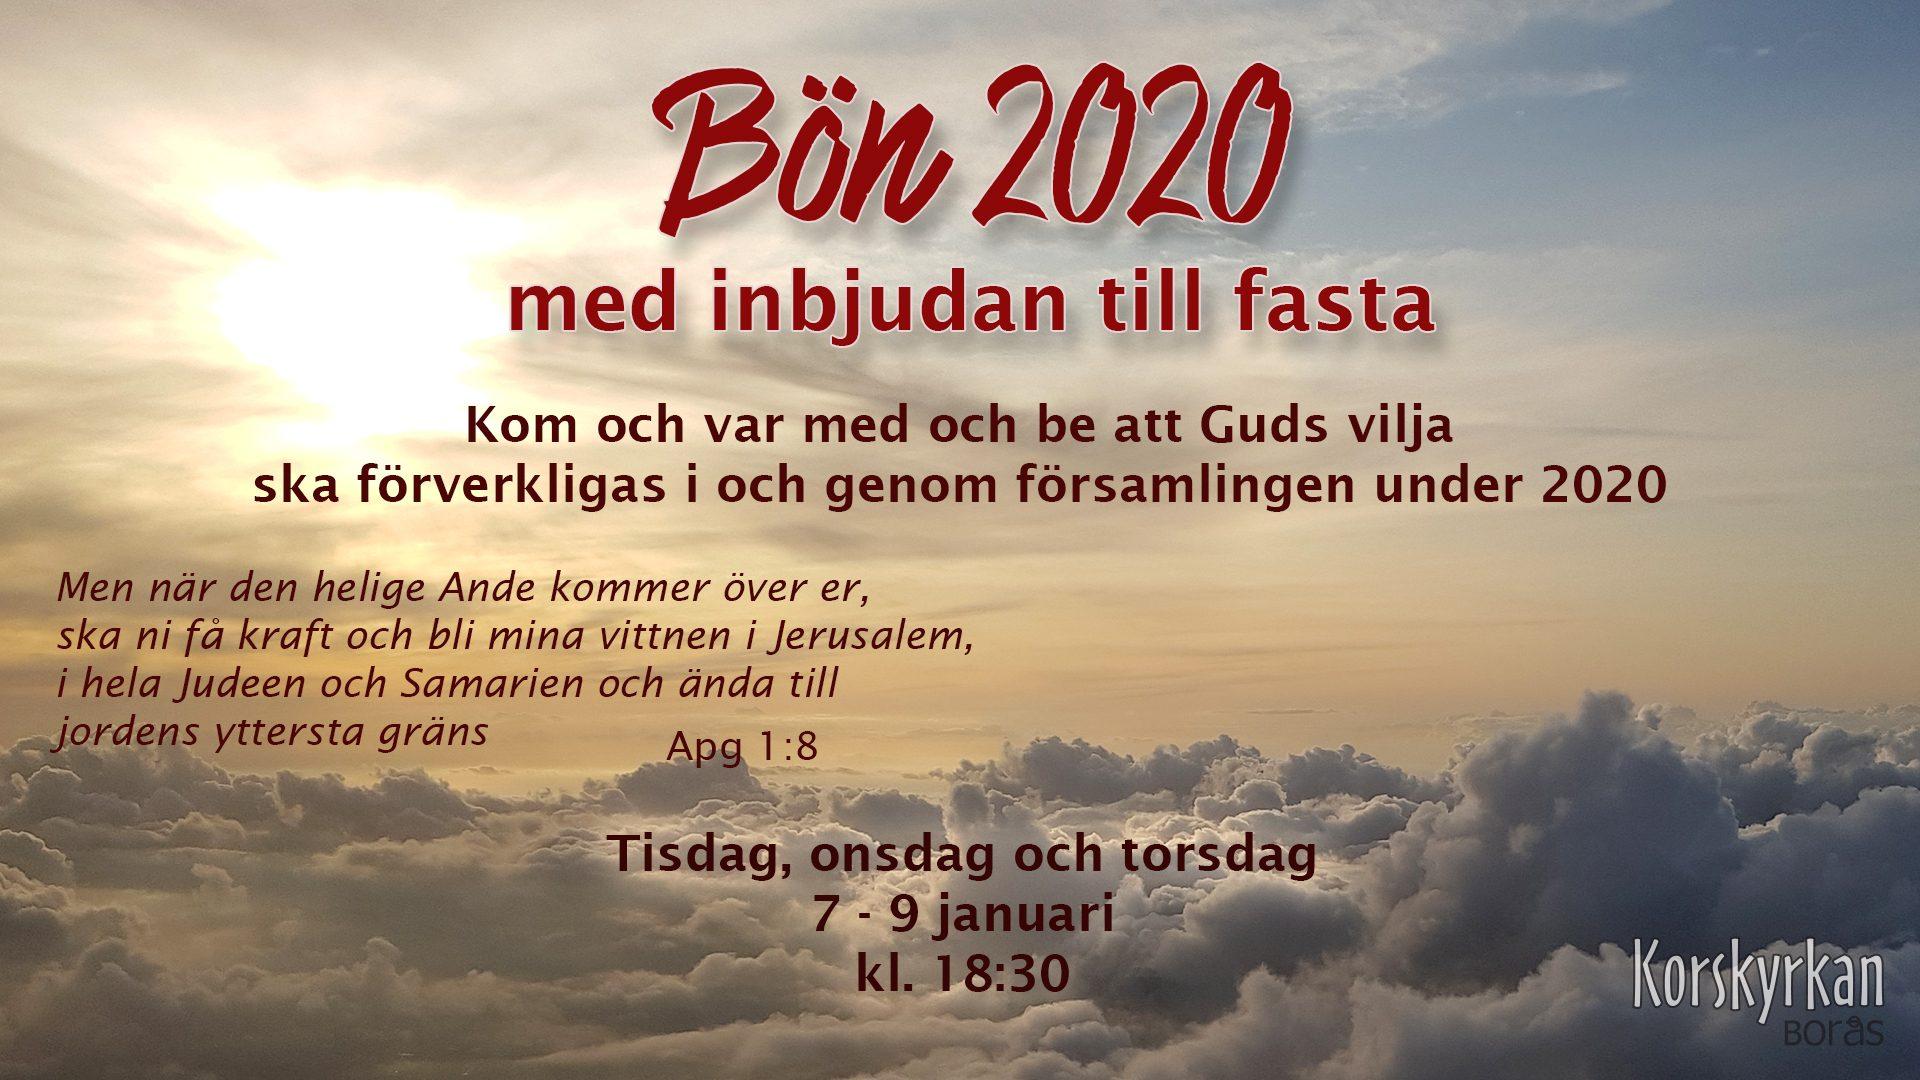 Bön 2020